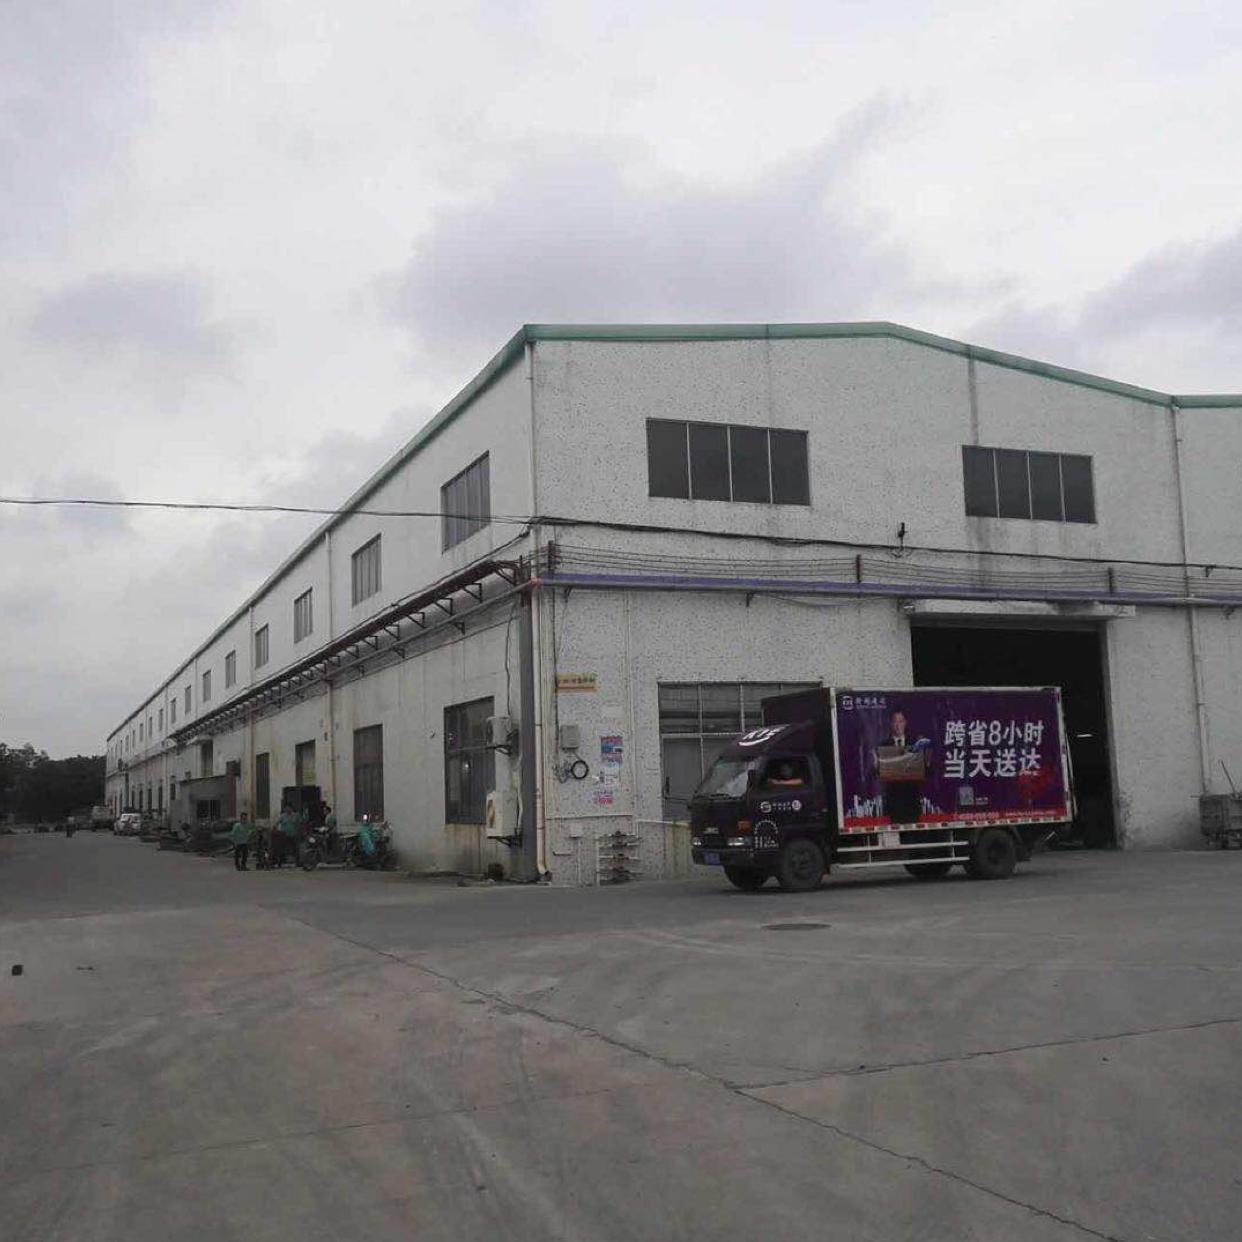 宝安区松岗镇一楼10000平方米重工业钢构厂房出租-图2